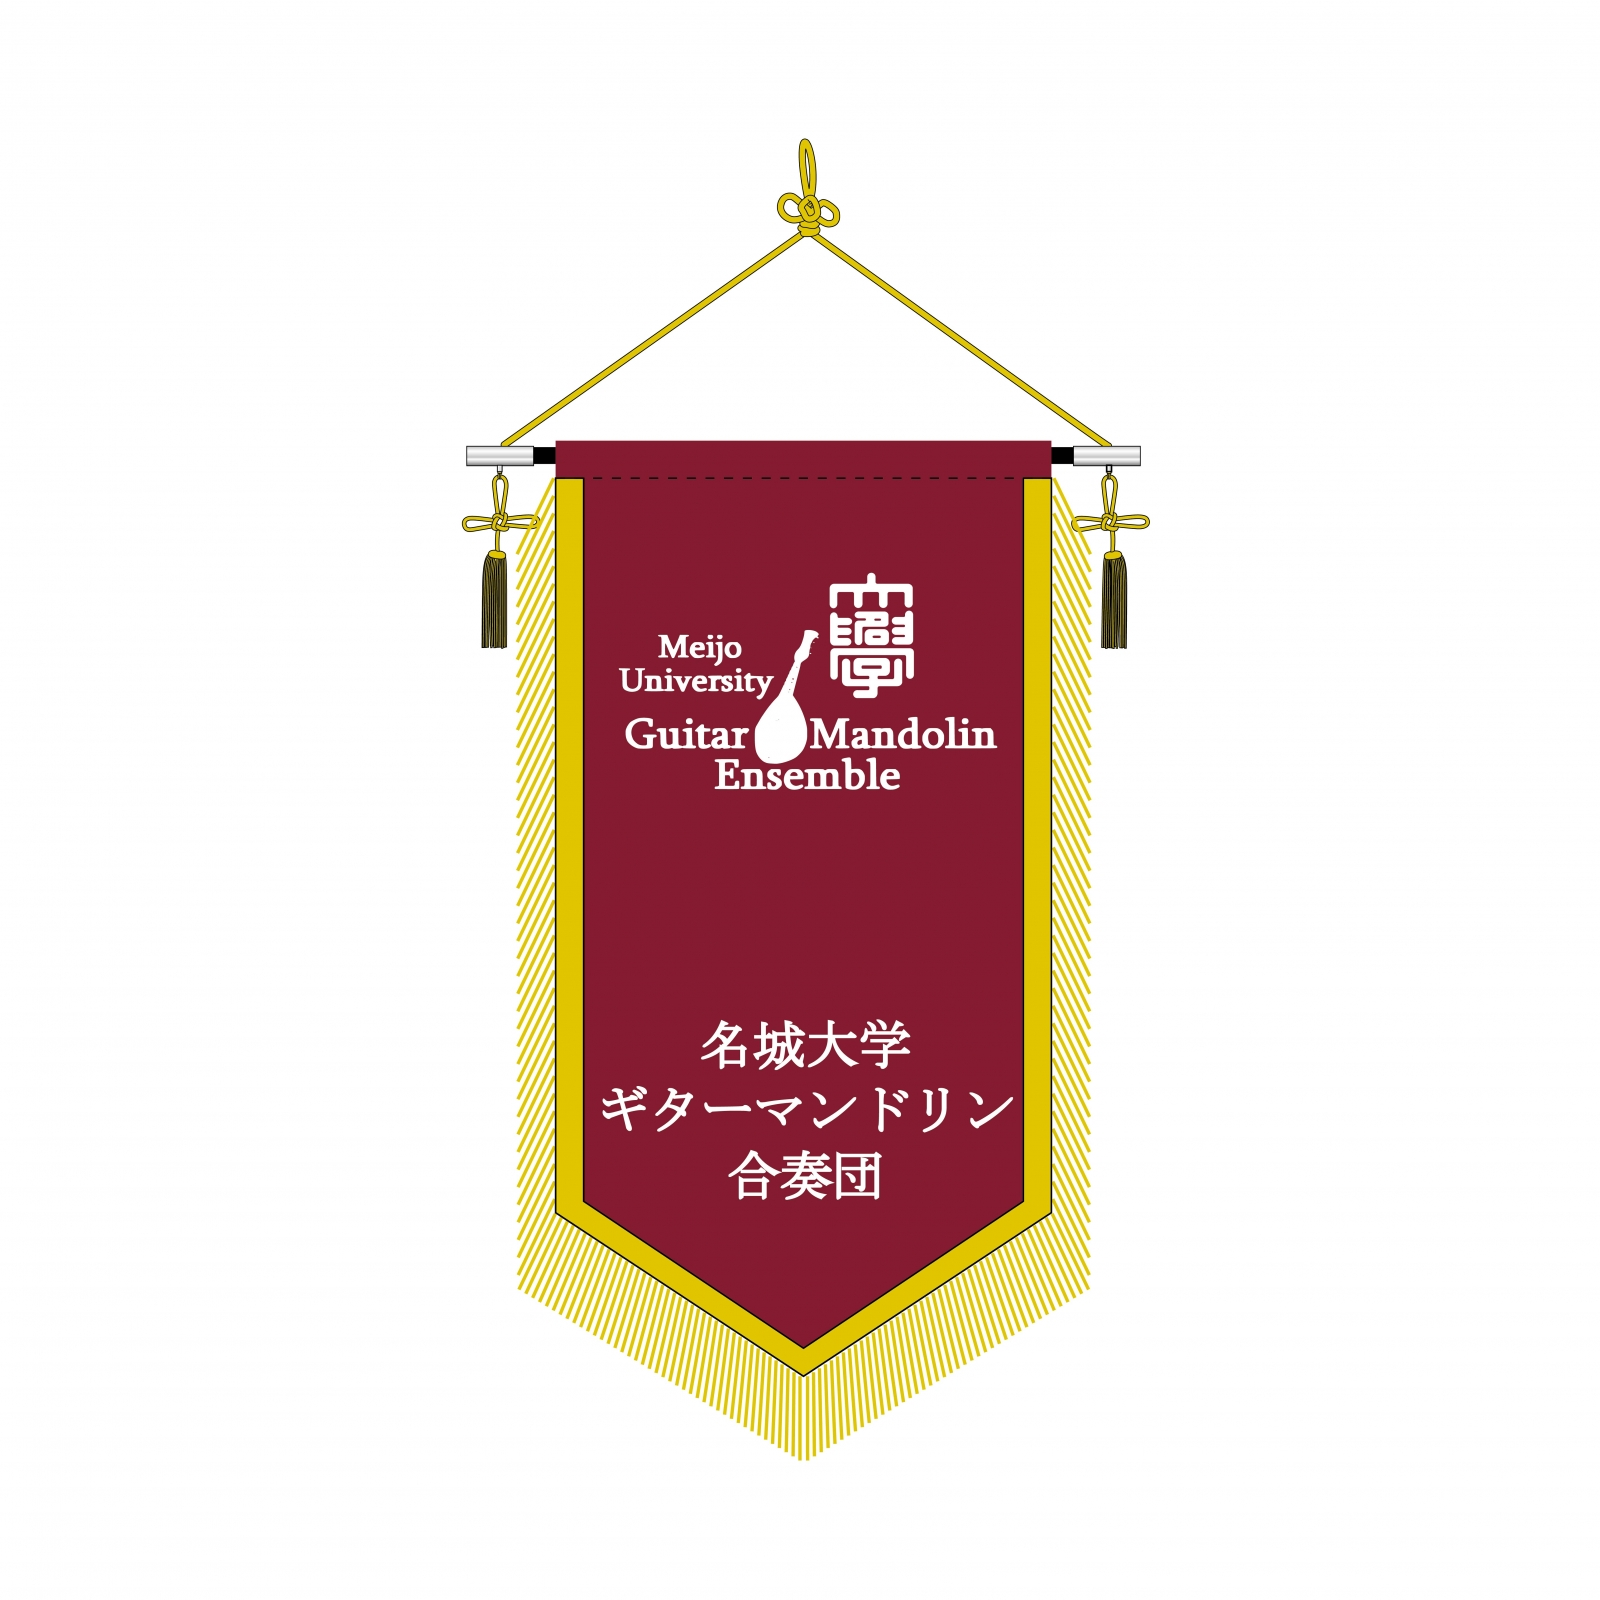 ギター合奏団の会旗